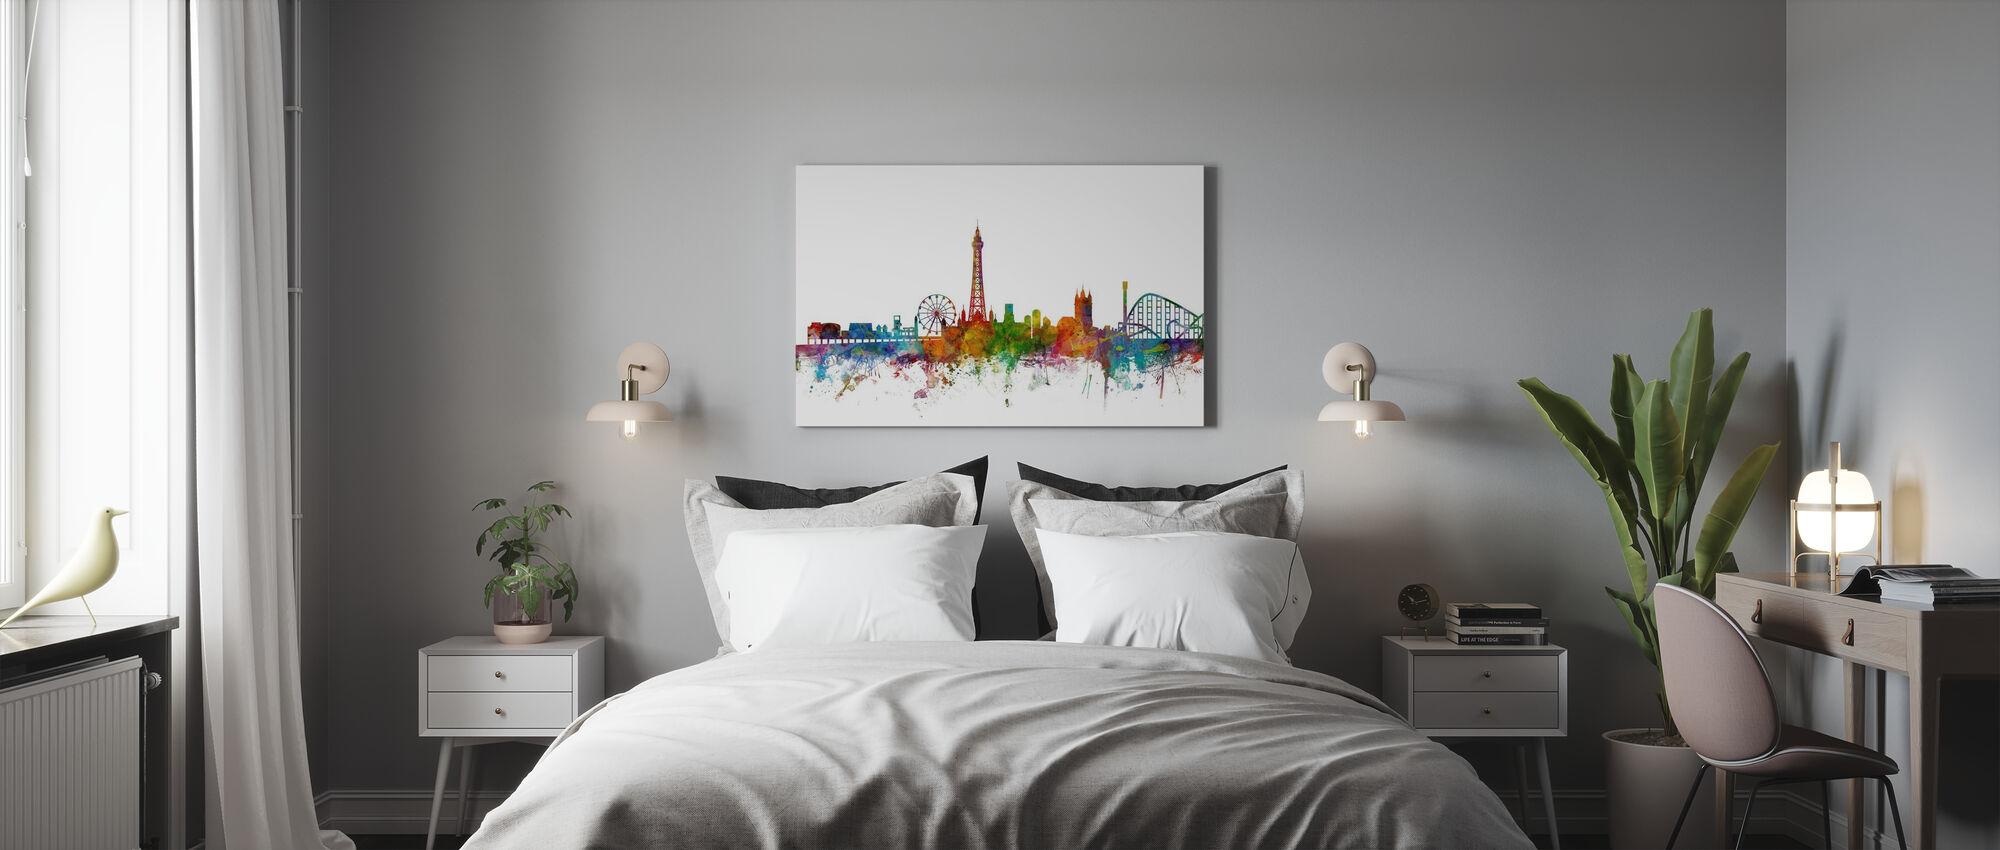 Blackpool England Skyline - Canvas print - Bedroom